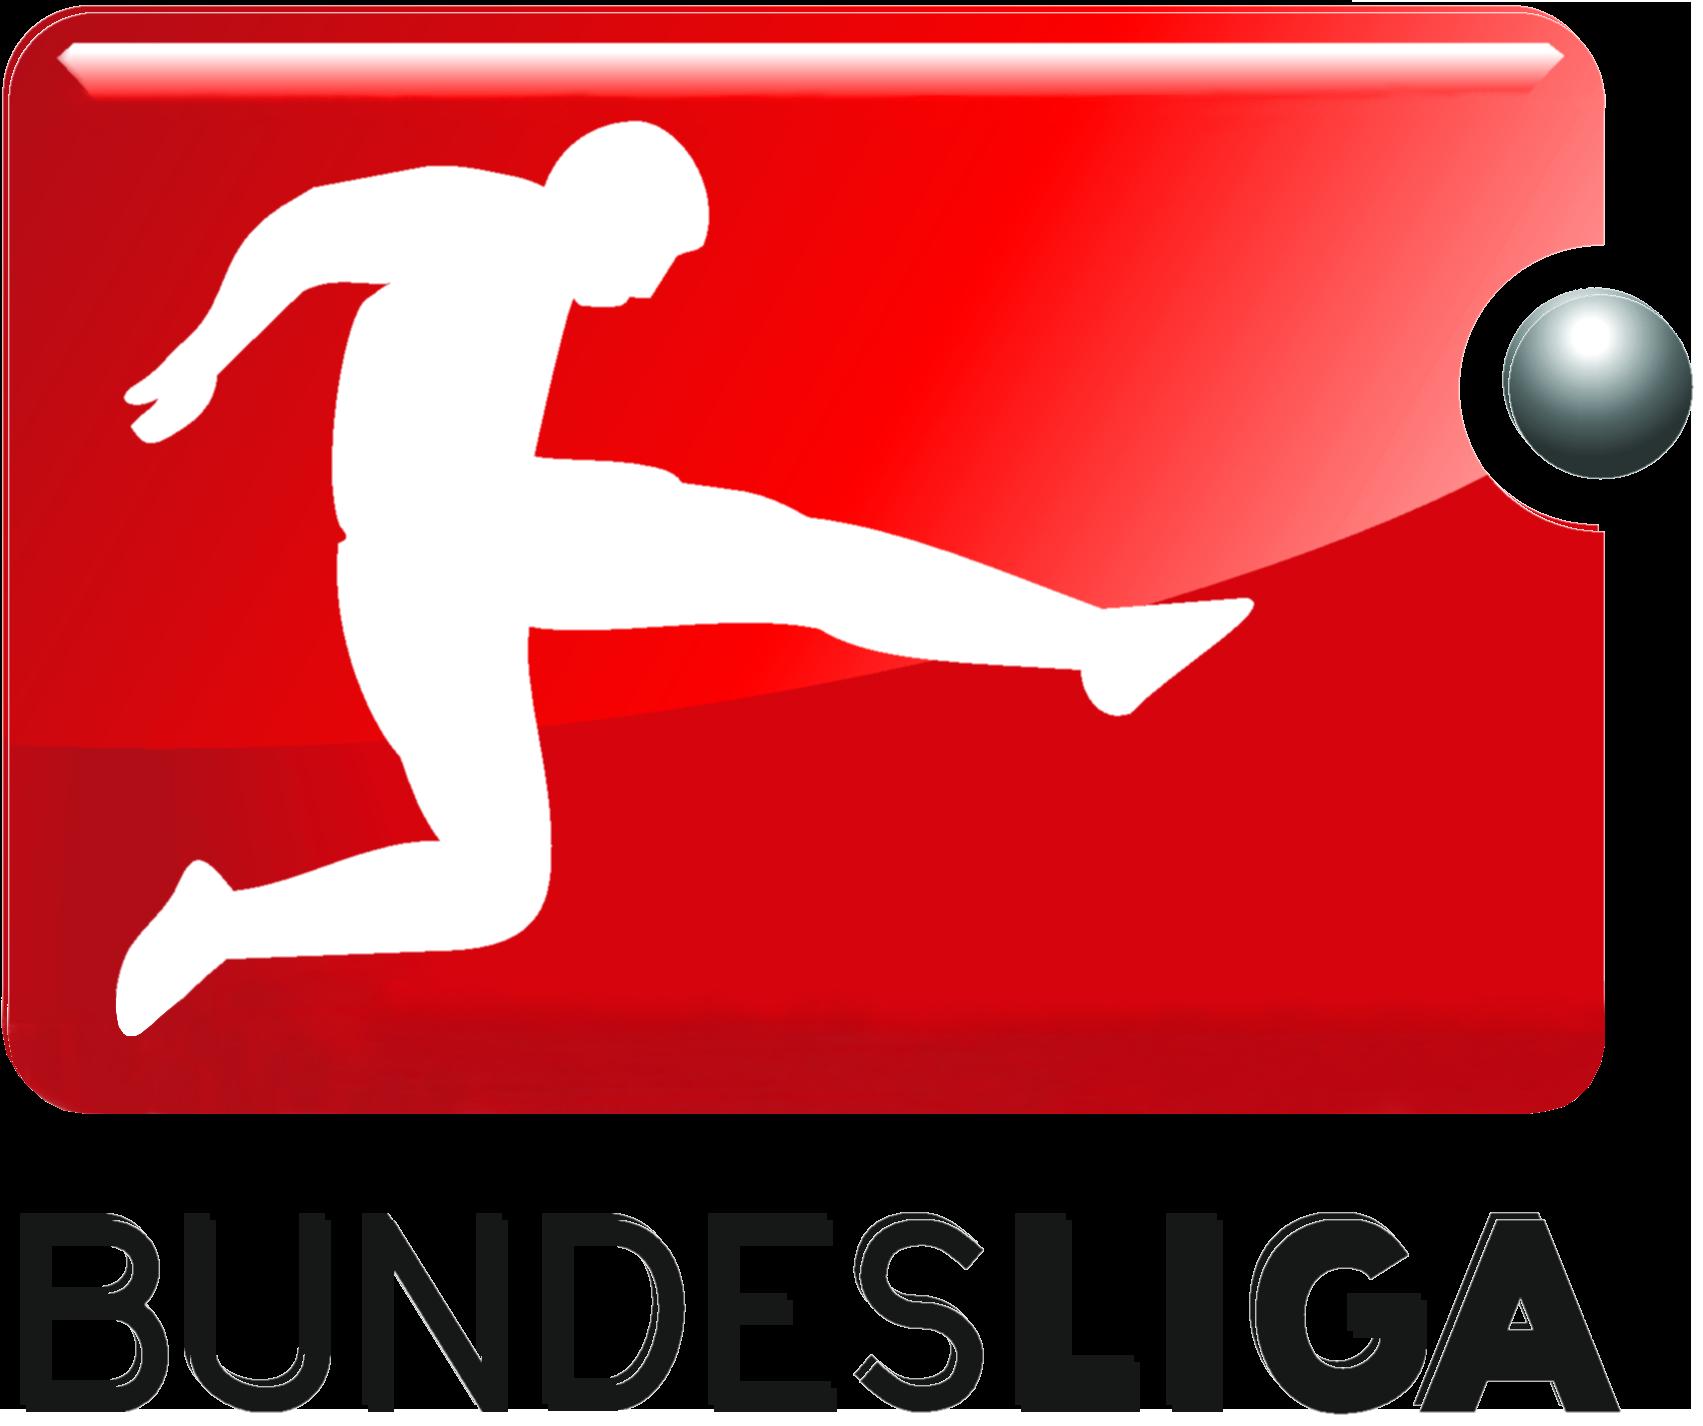 Bundesliga Deutschland Wiki